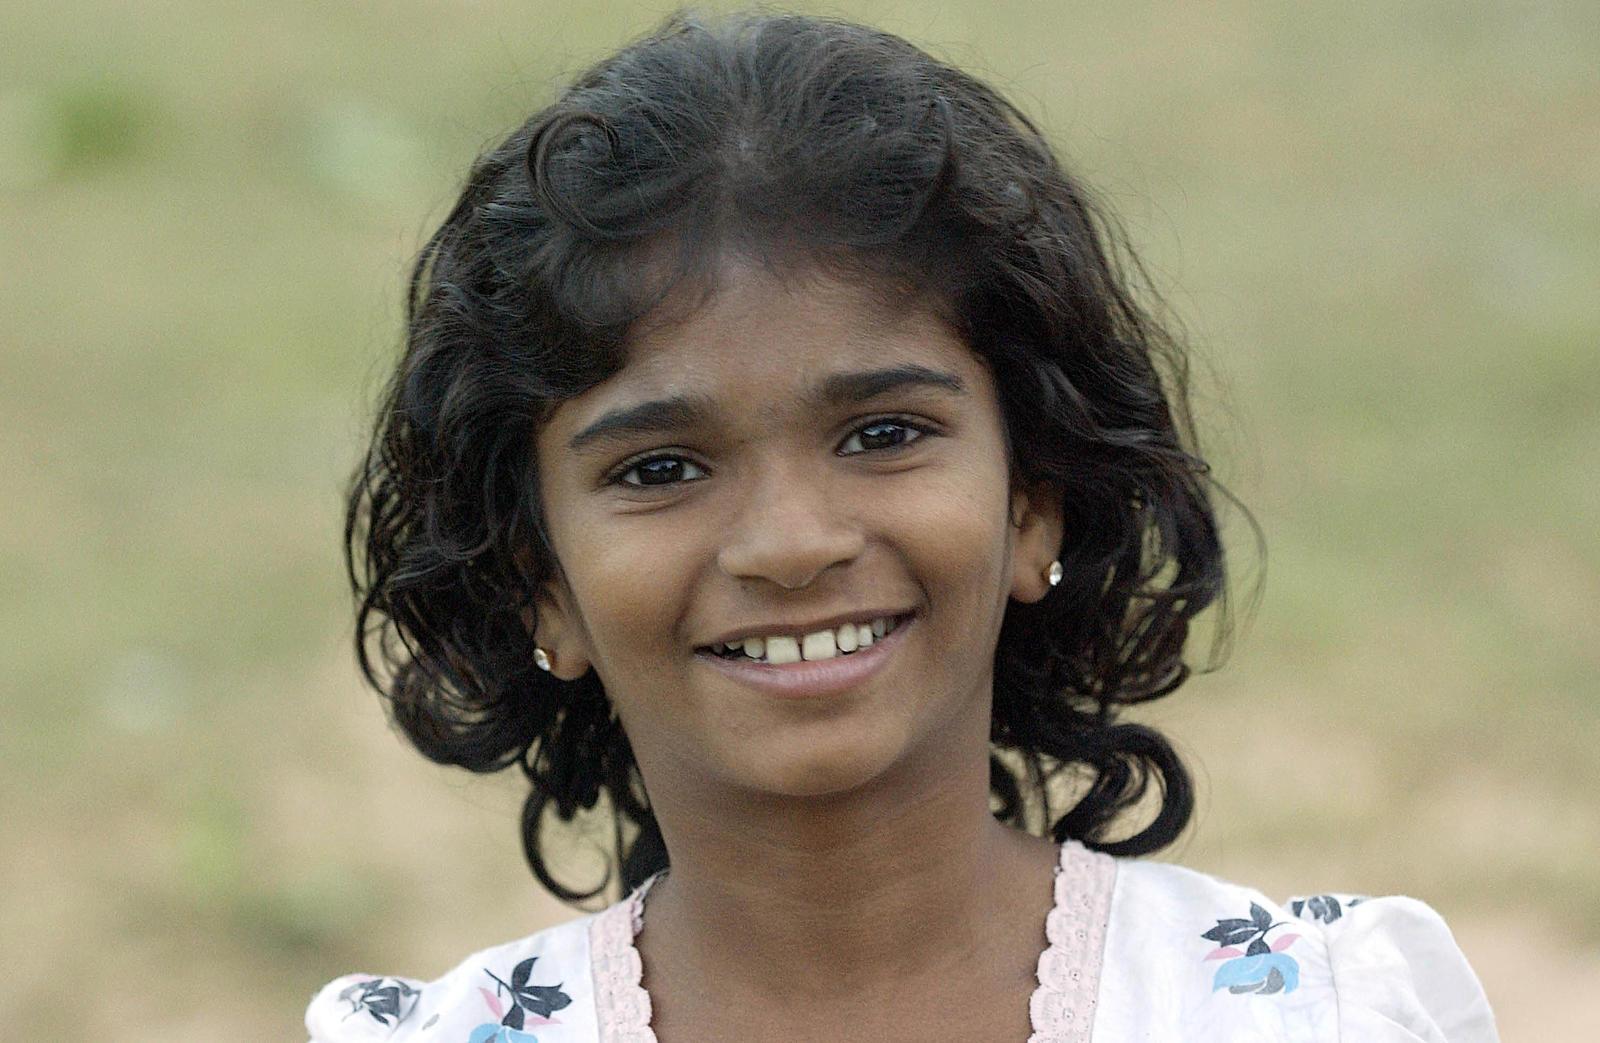 Una niña de Sri Lanka.